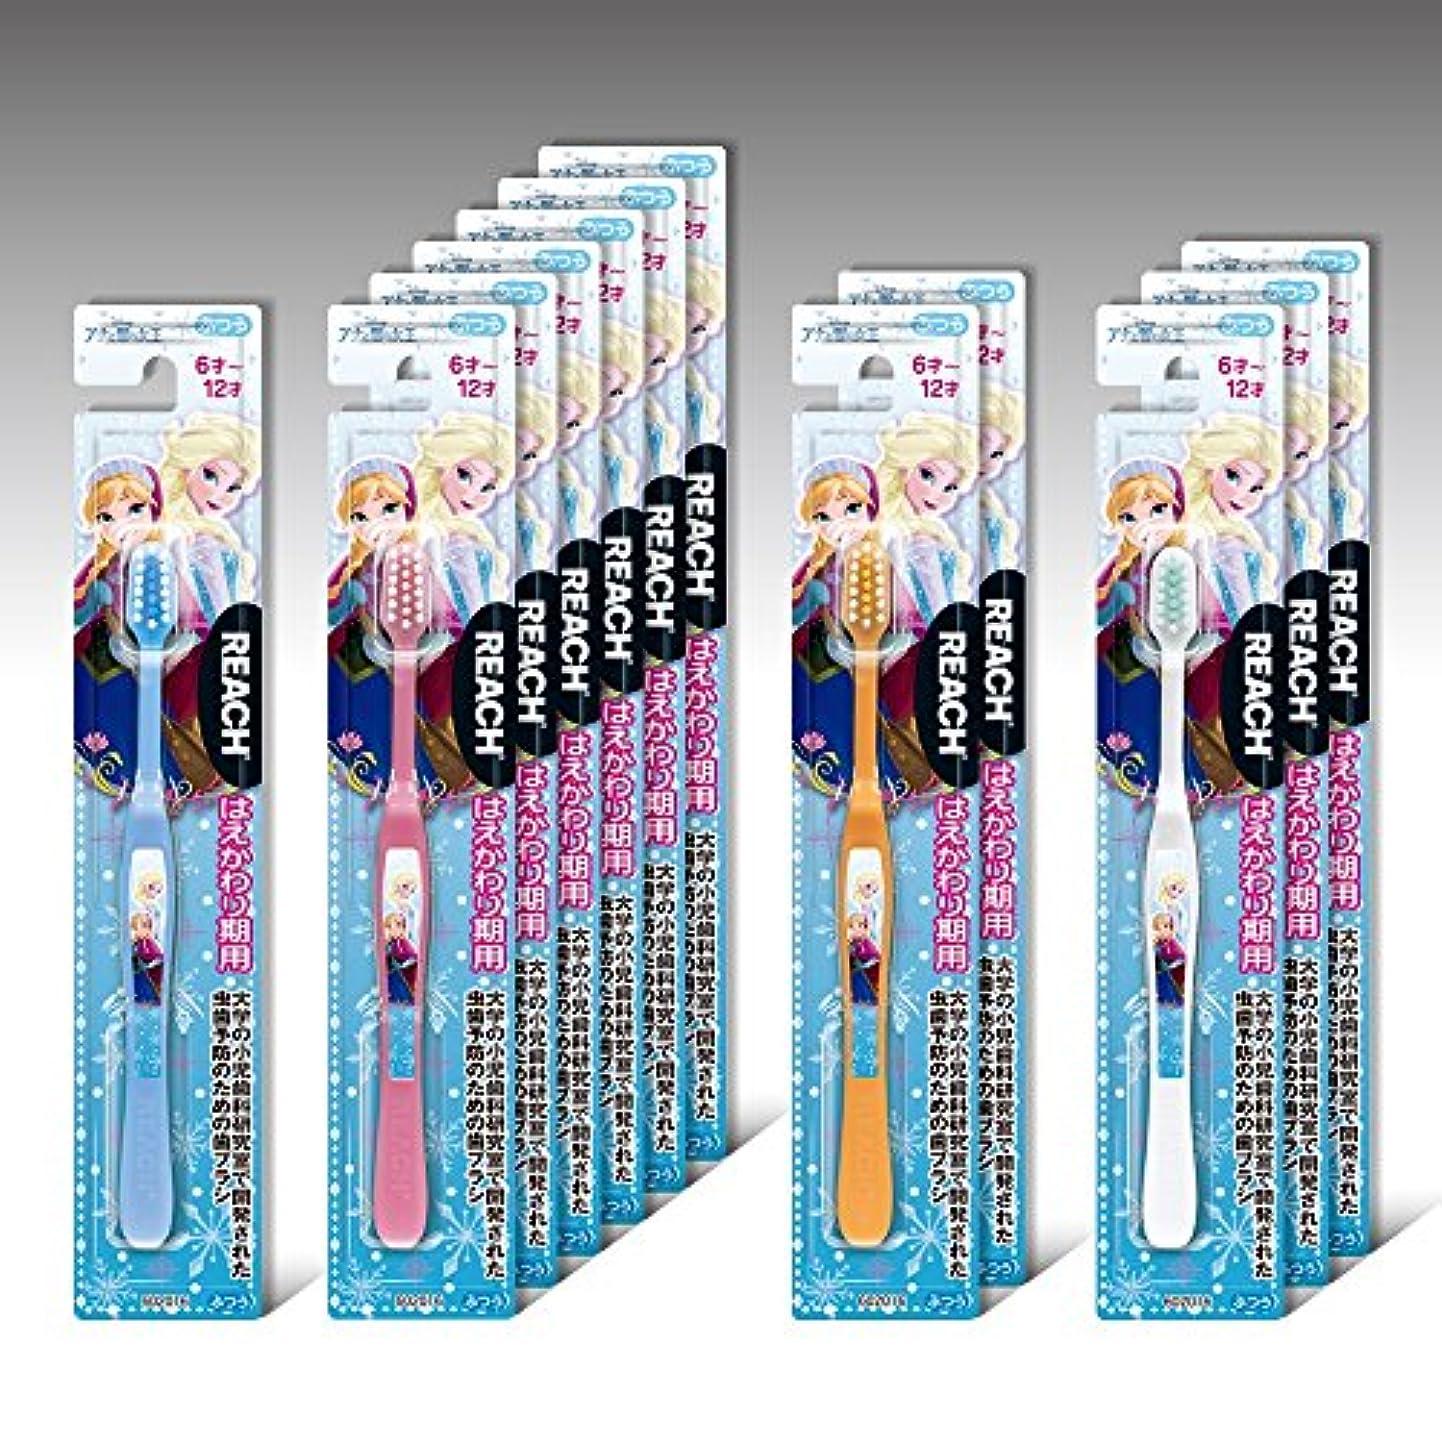 見る人代理店偶然リーチキッズ ディズニー アナと雪の女王 はえかわり期用(6~12才) 12本セット